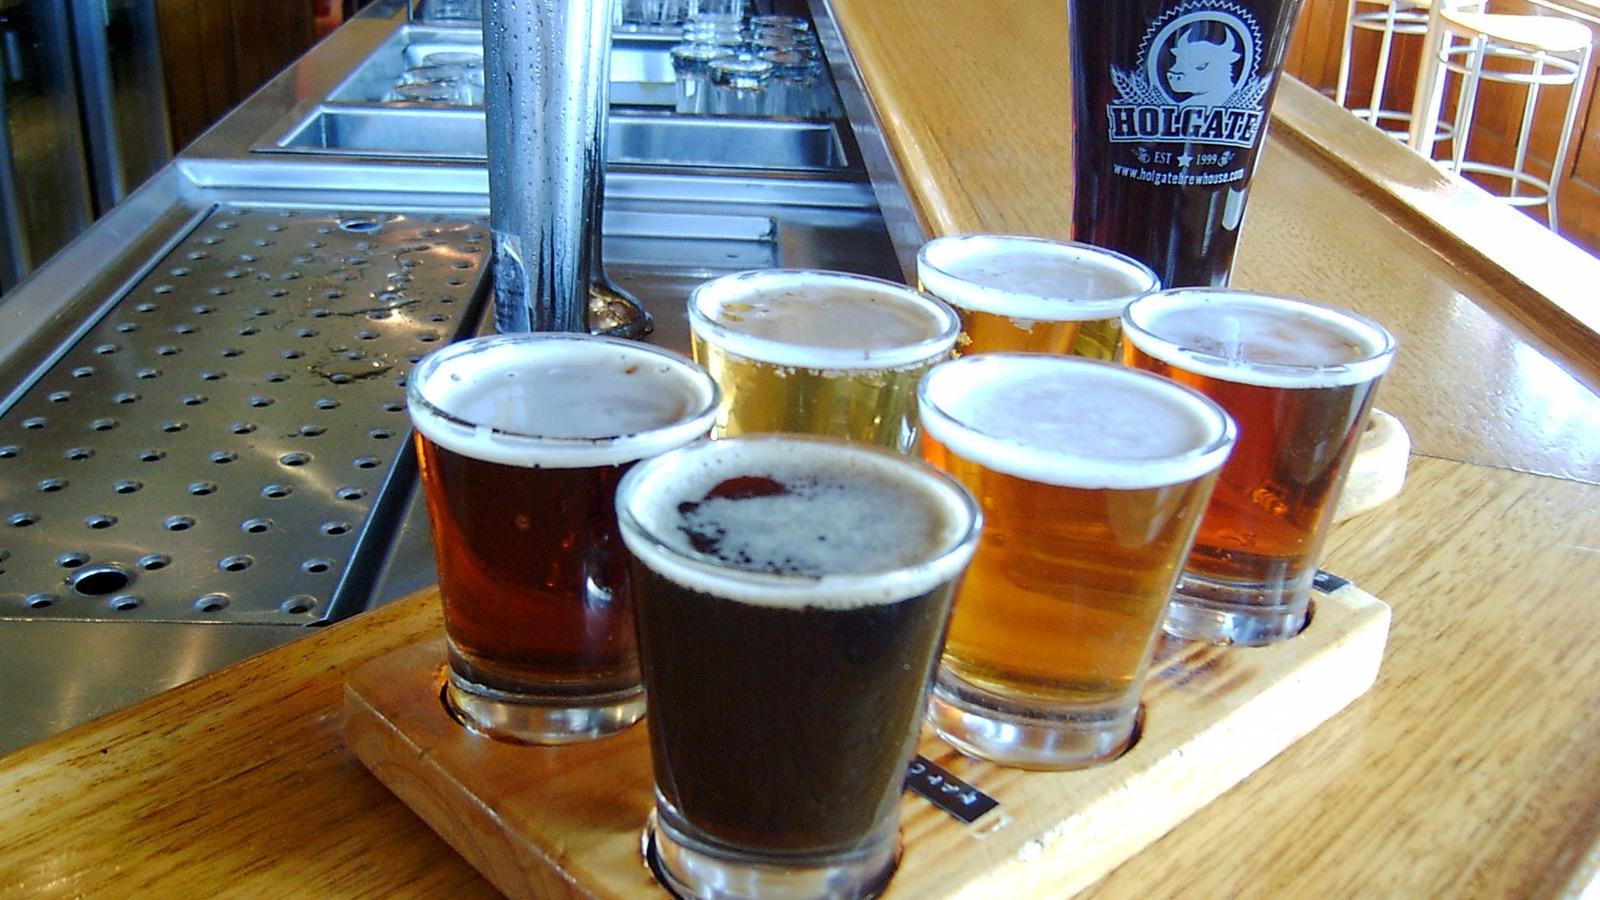 Holgate Hotel beer tasting paddle